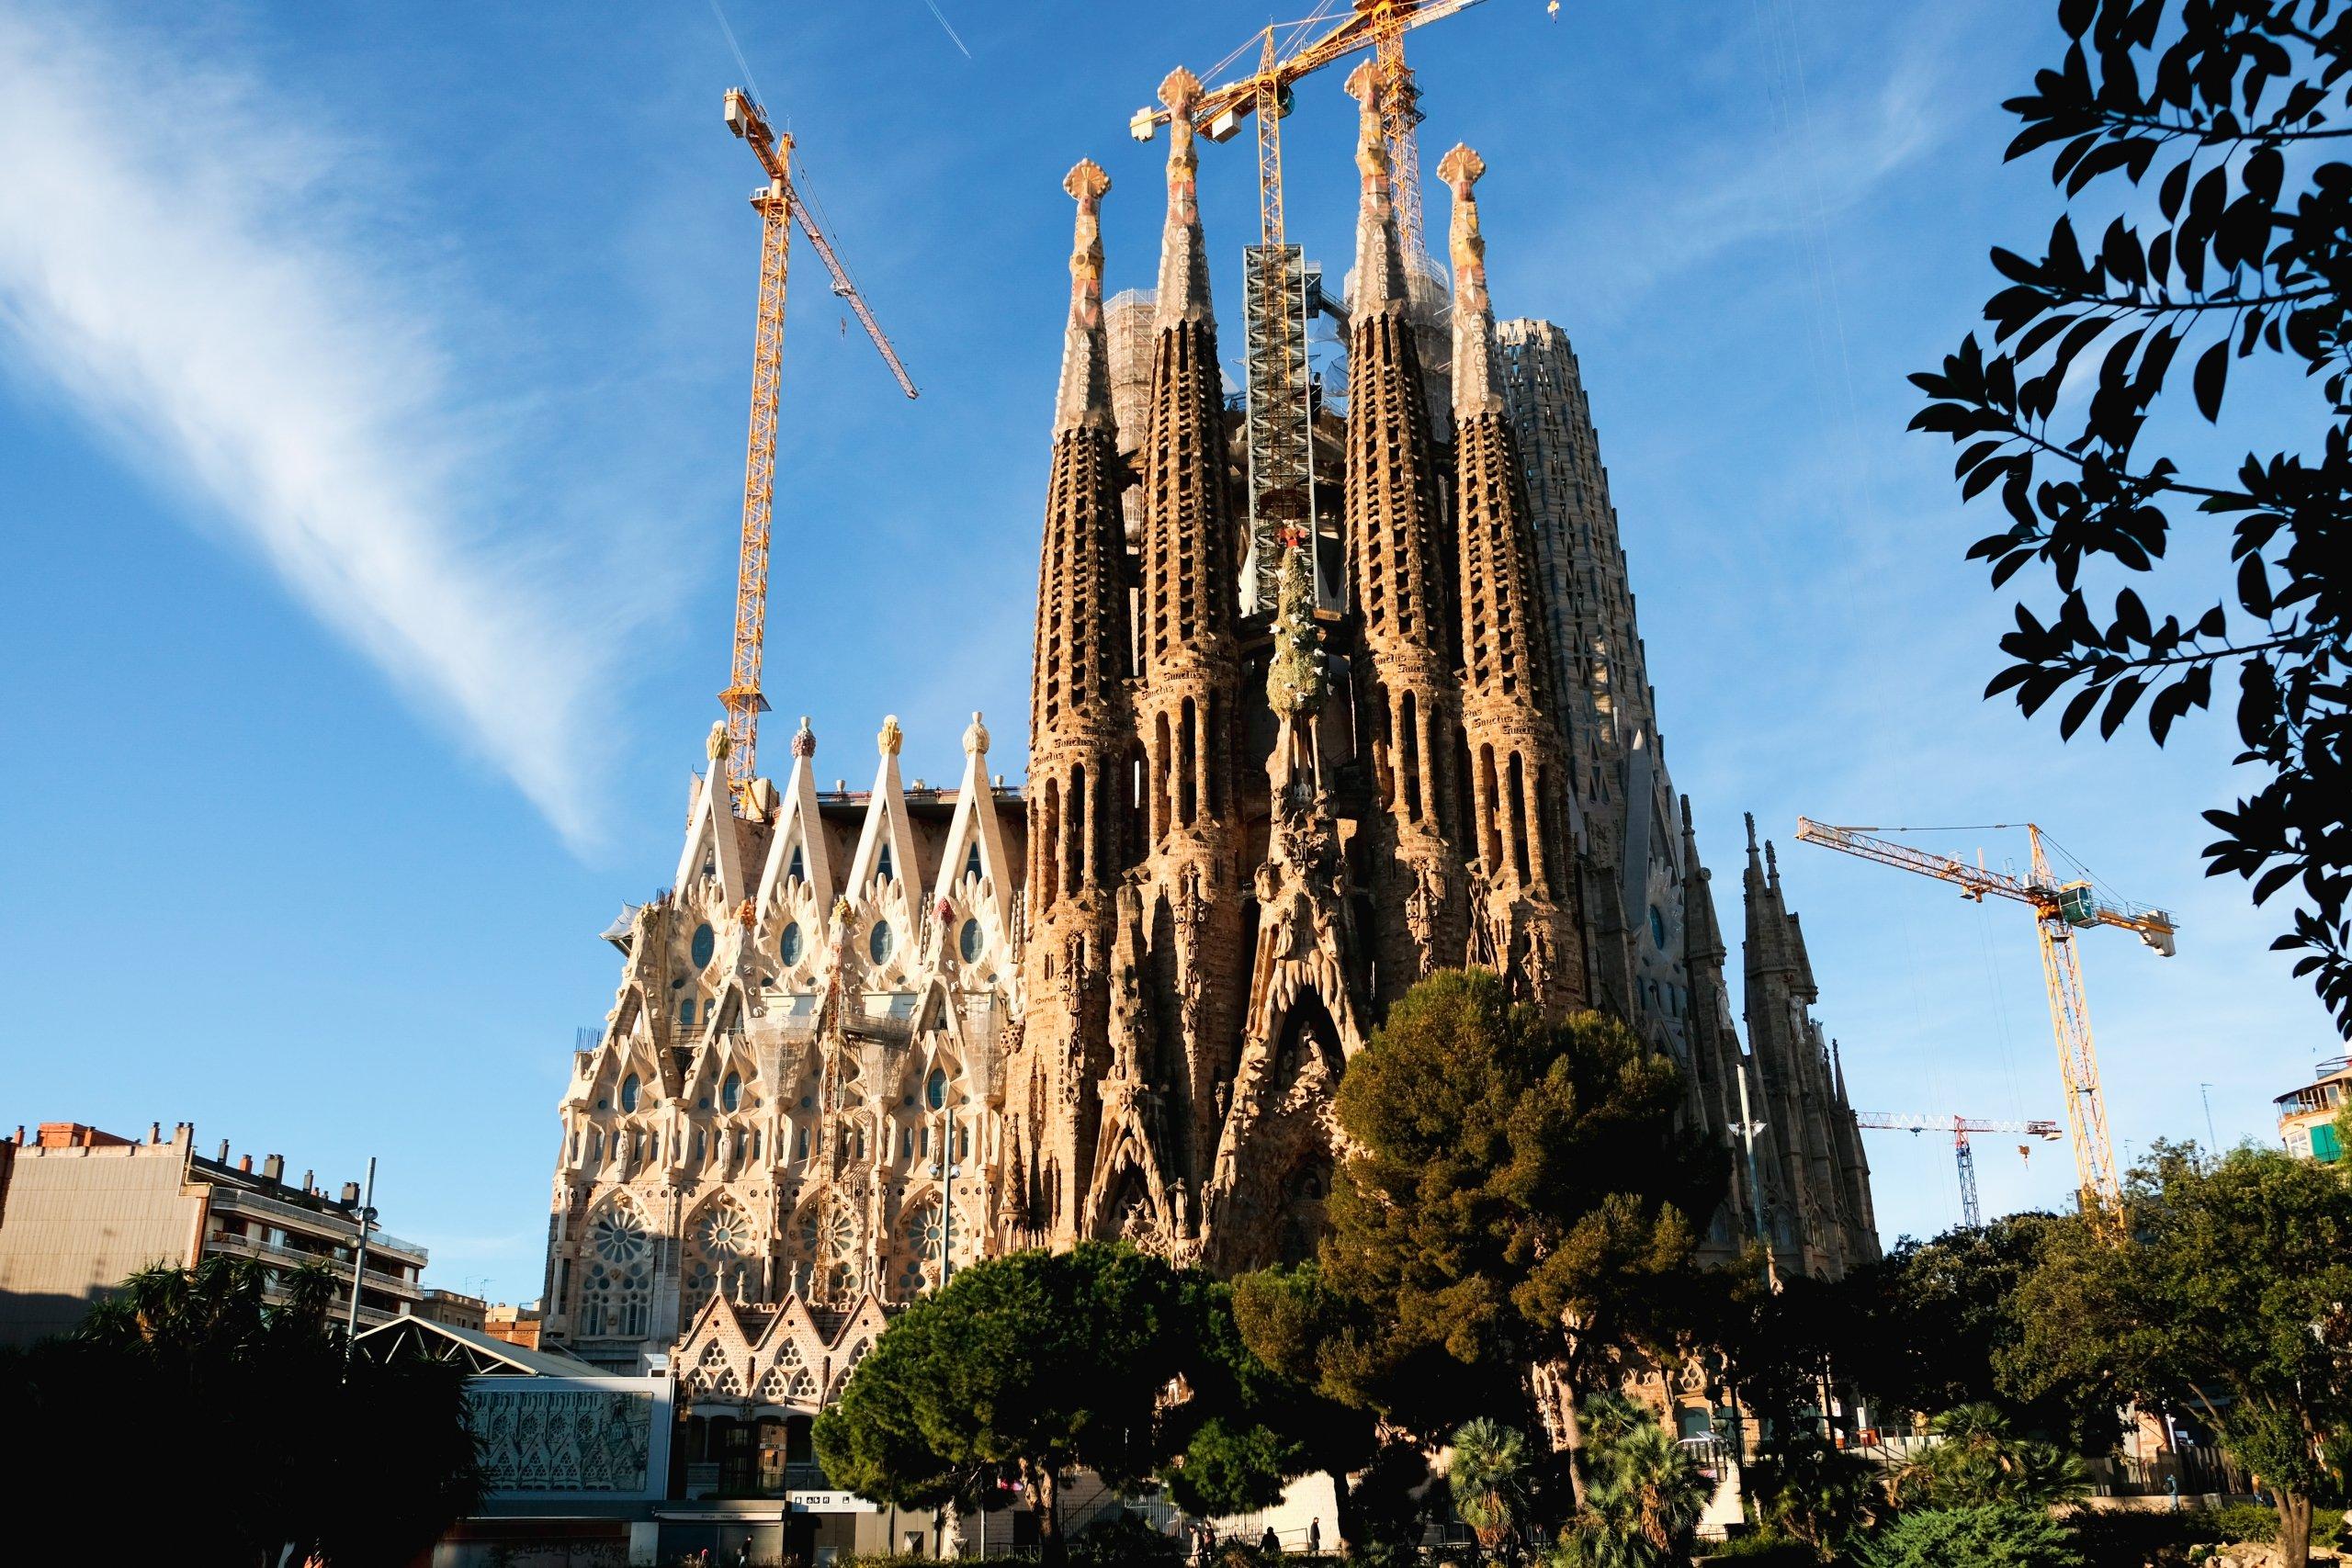 Tributos locales imagen de la Sagrada Familia